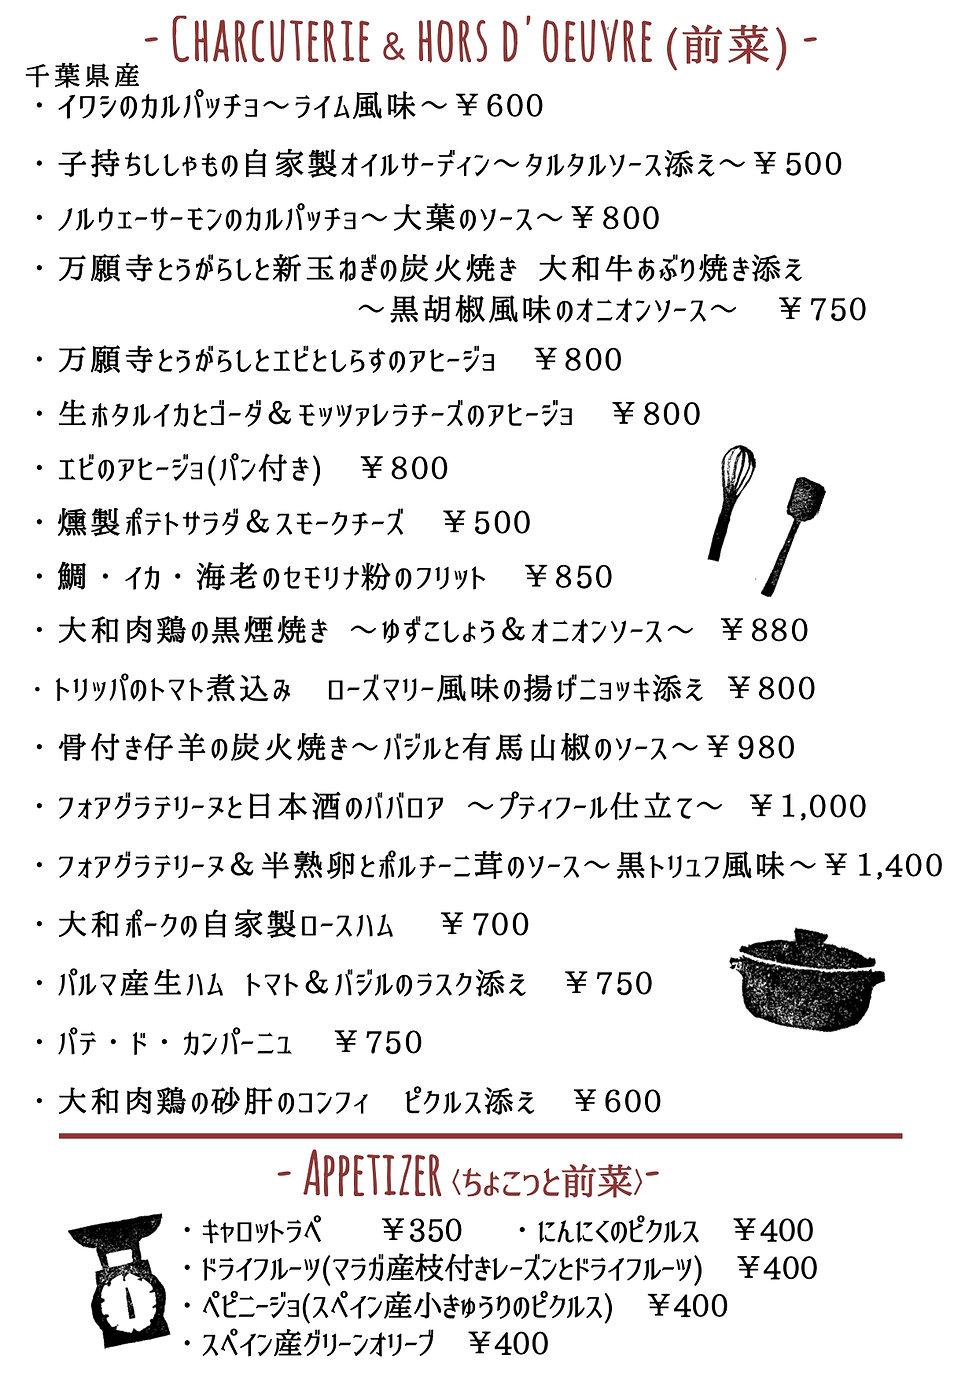 ディナーメニュー2 城山台4.5 - HP用_page-0001(4).jpg